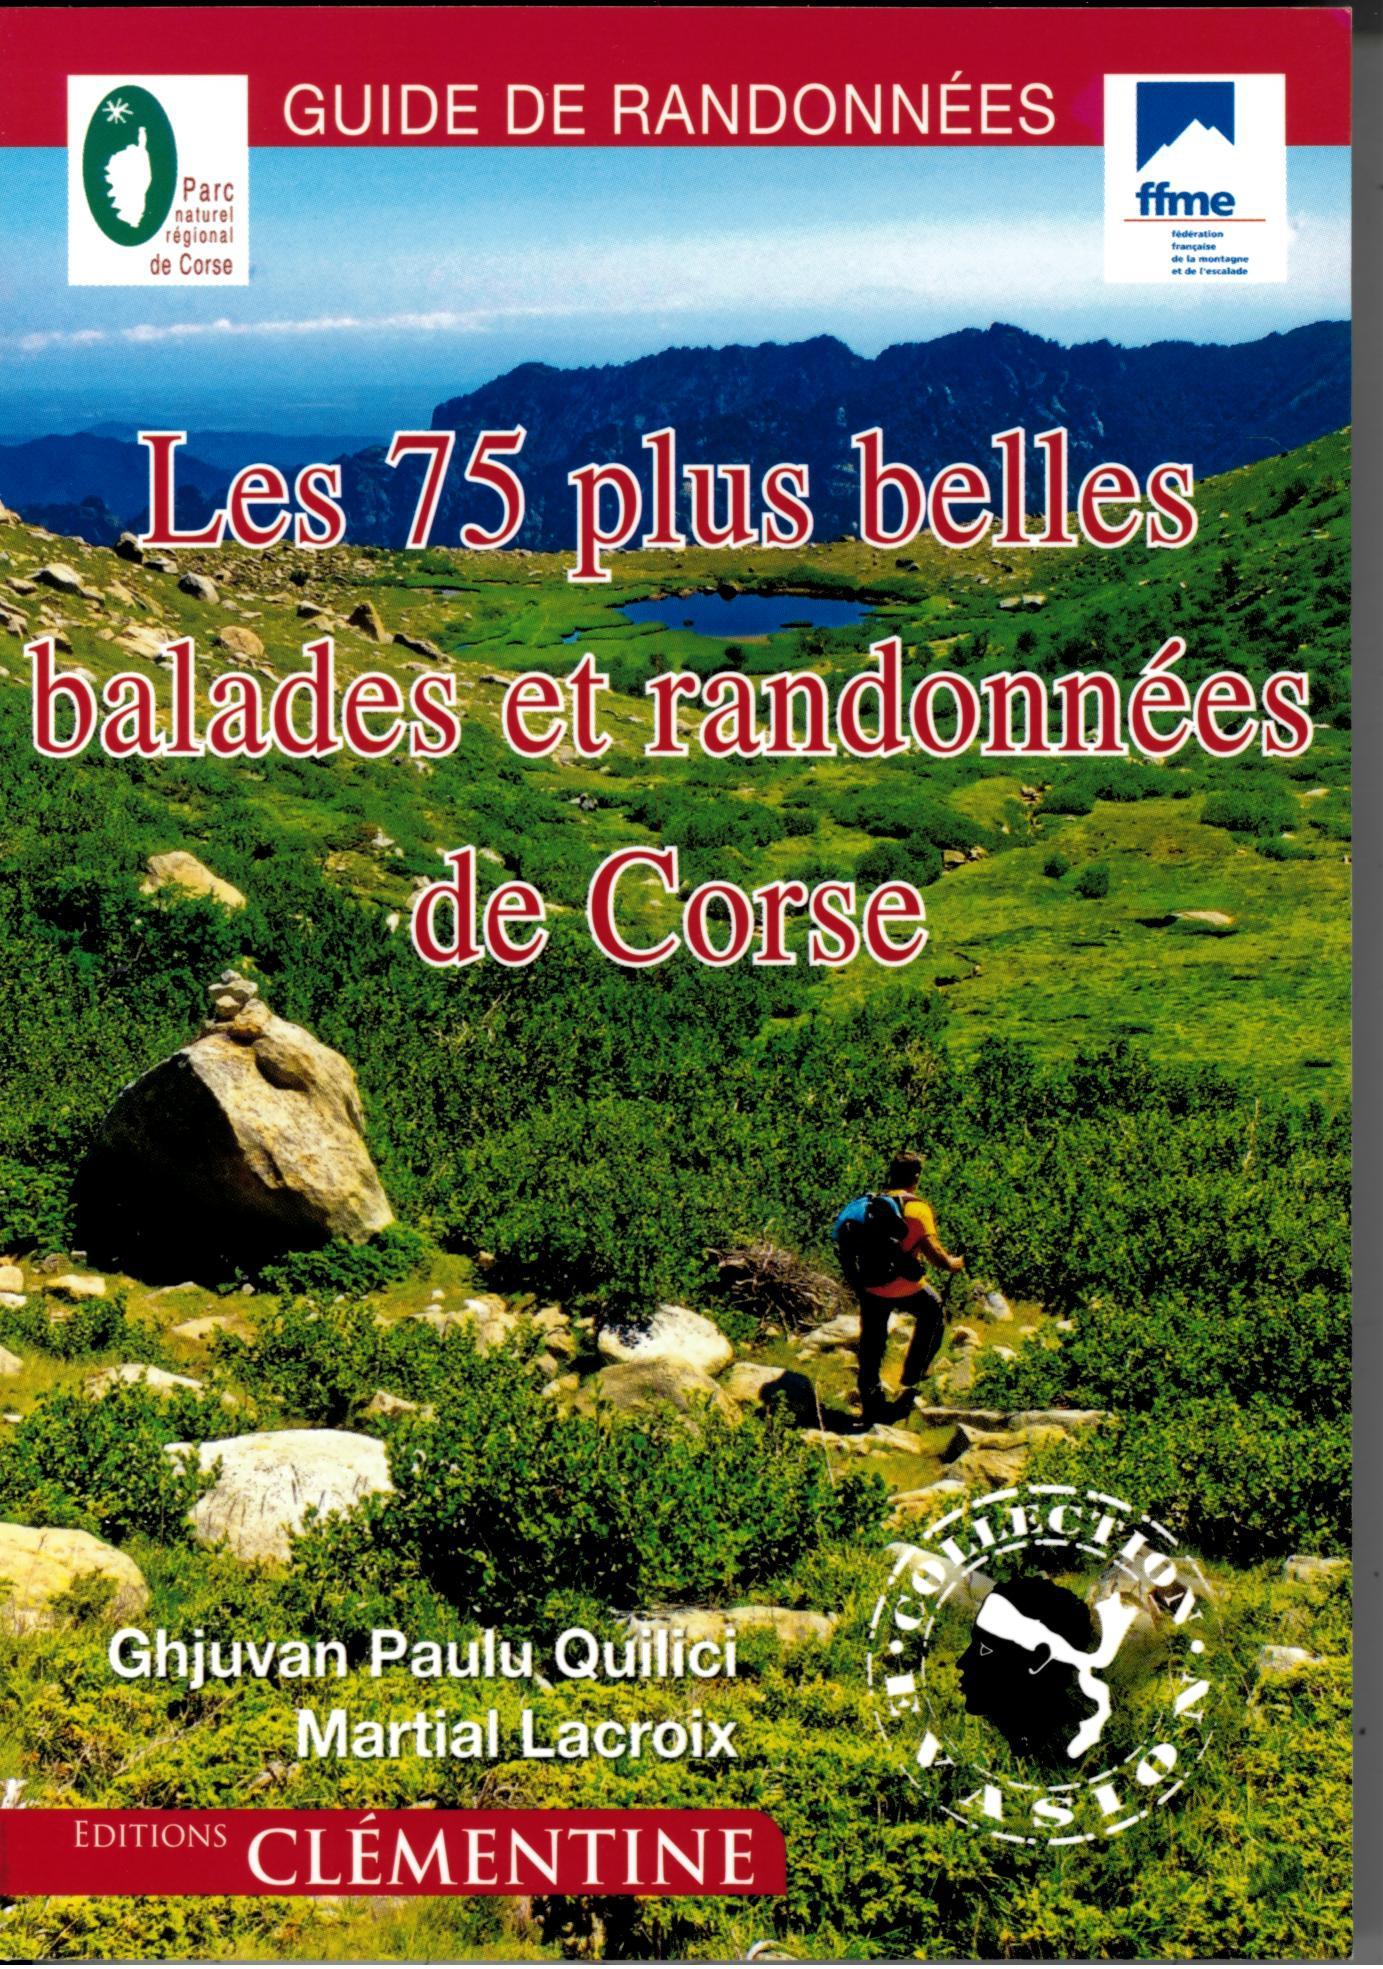 LES 75 BALADES ET RANDONNEES EN CORSE